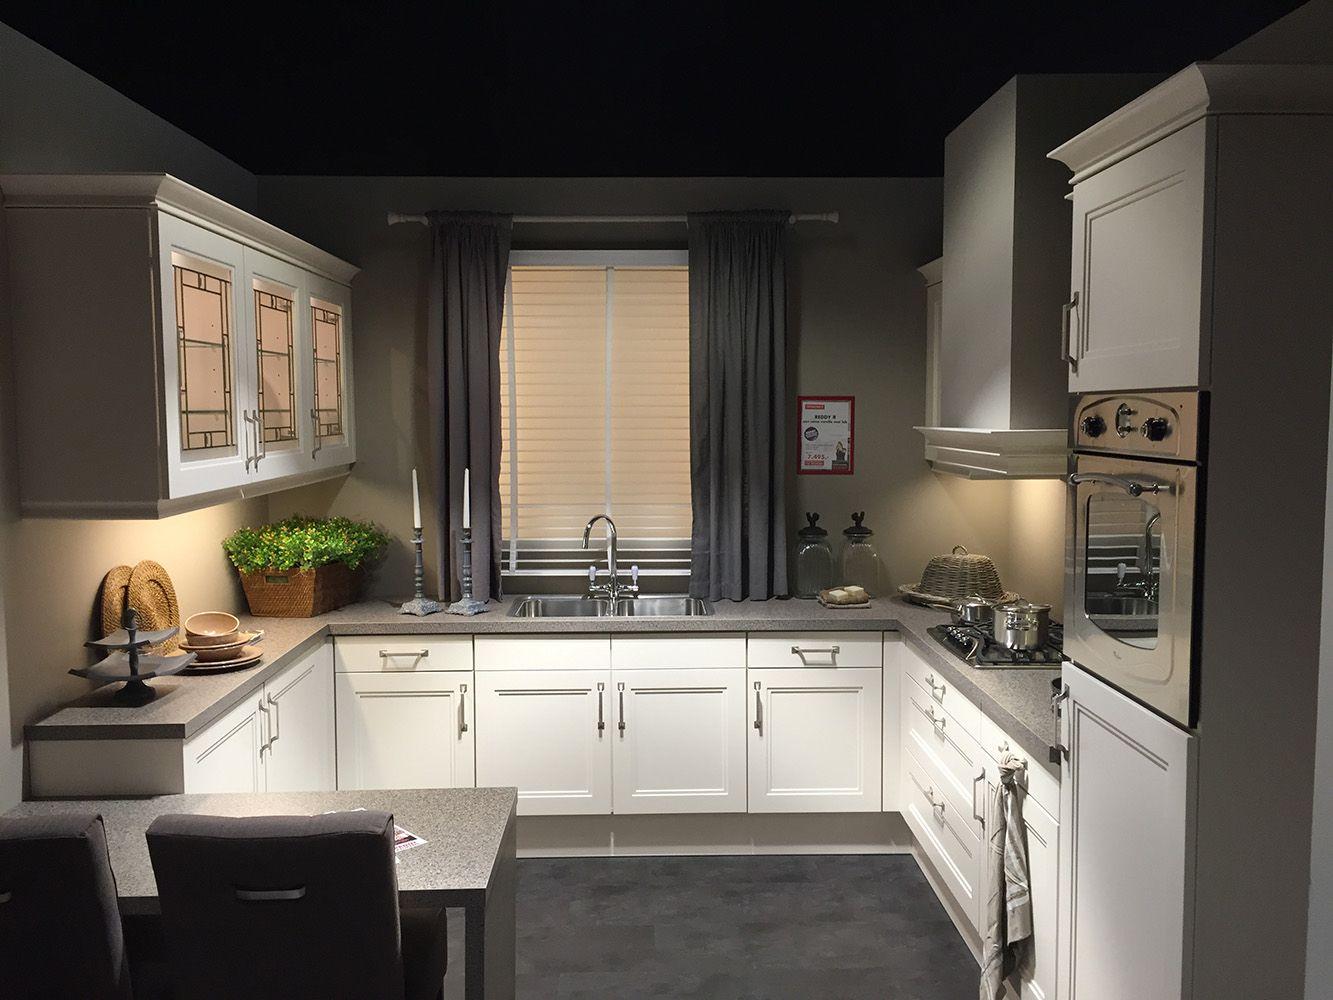 Keuken U: Eigen keuken persoonlijk advies over keukens bij u thuis.